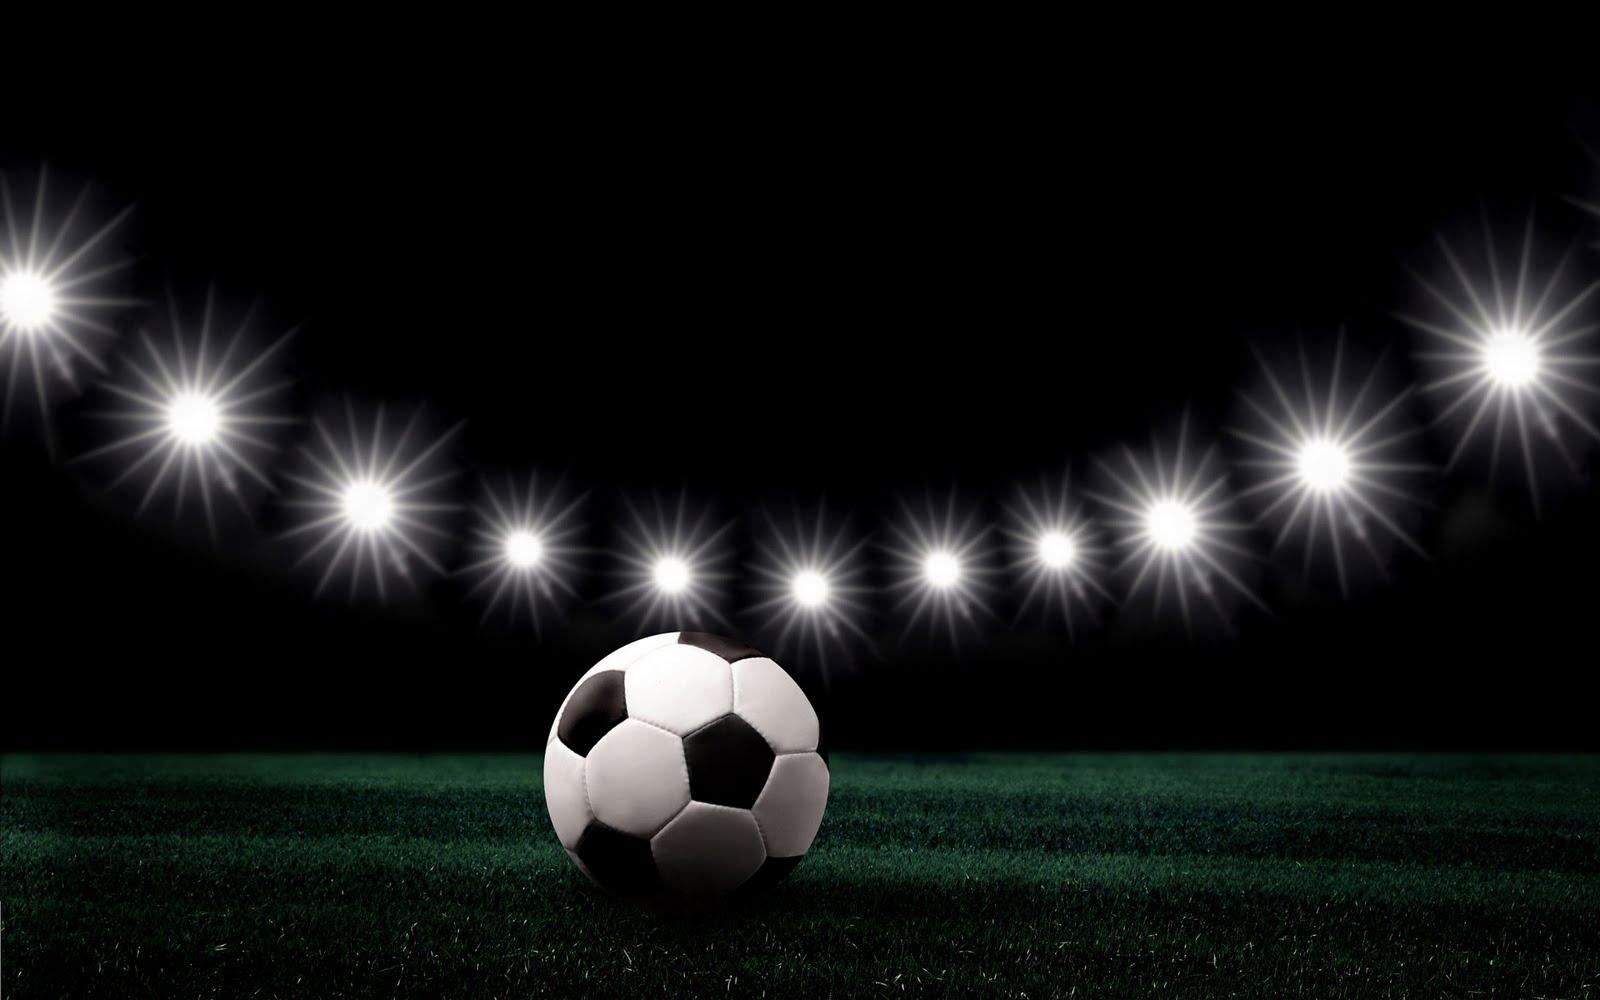 http://4.bp.blogspot.com/_JMdl-D4Jq6w/TDn6mzpB5hI/AAAAAAAANEM/XrSdR9NKND8/s1600/HD_Soccer_14.jpg